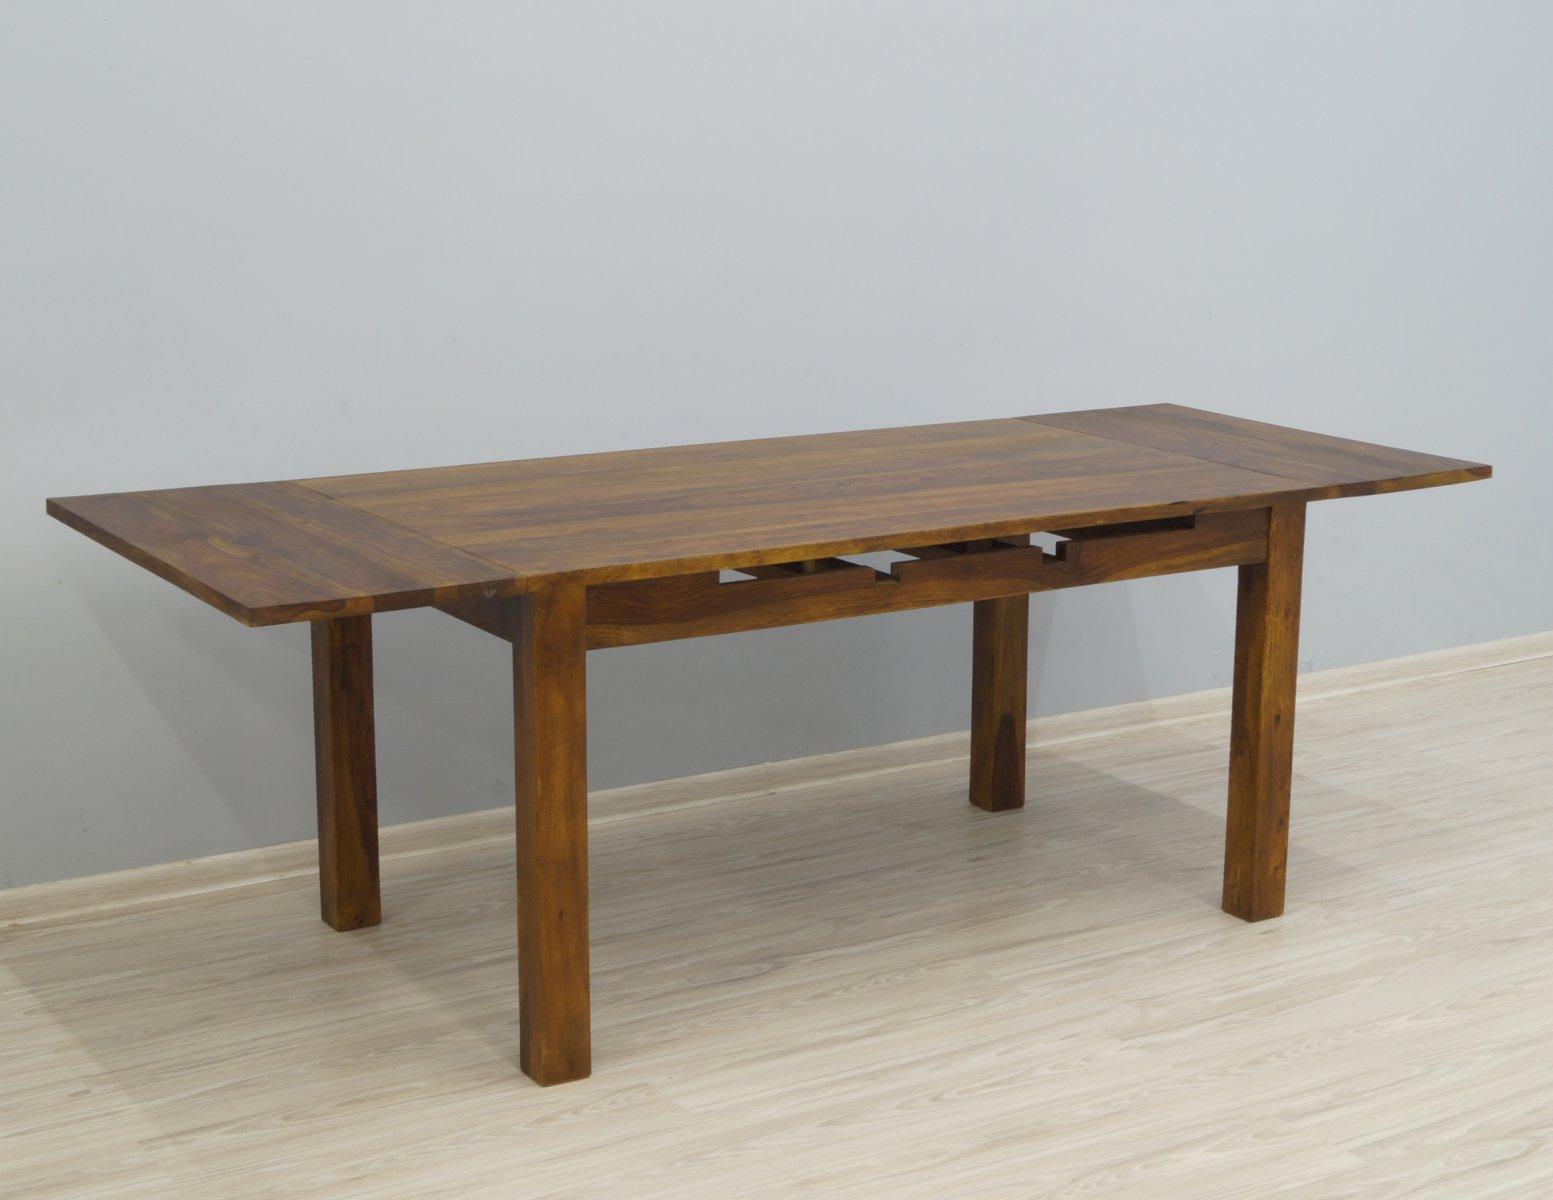 Stół kolonialny lite drewno palisander indyjski rozkładany jasny brąz